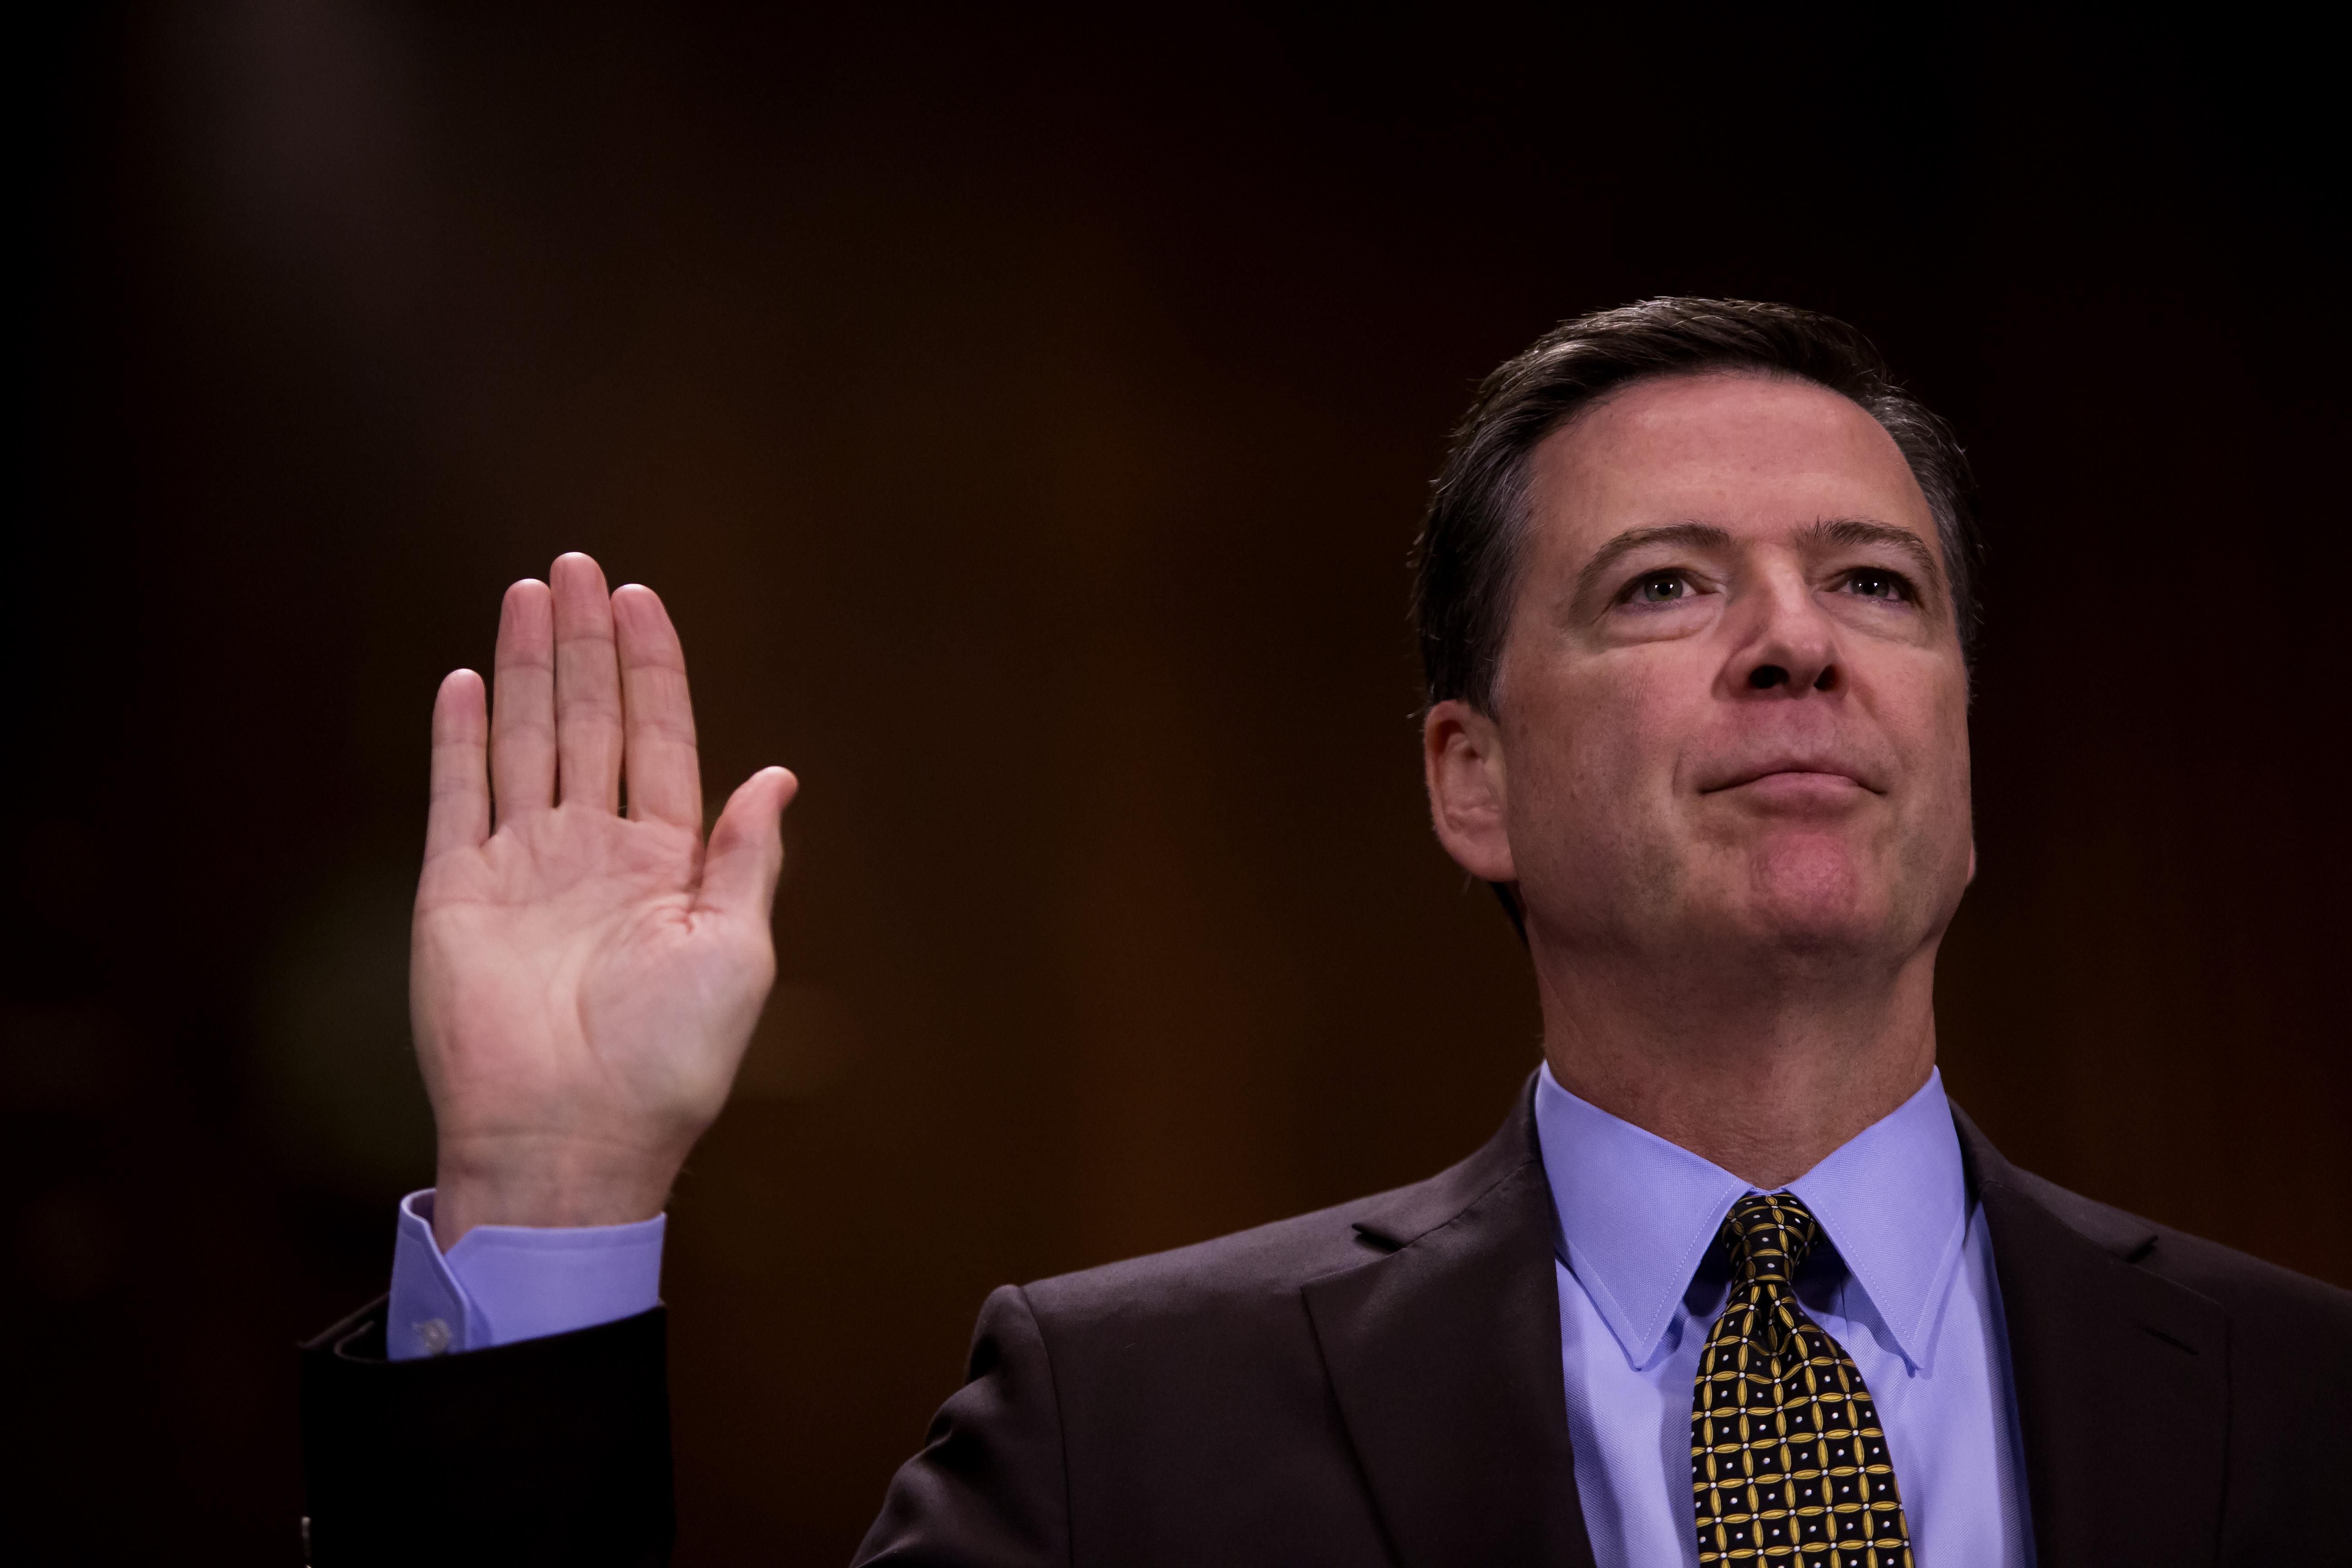 James Comey volt FBI-igazgató, aki kritizálta Hillary Clintont, hogy a magáncímével emailezett állami ügyekben, szintén magáncímen emailezett FBI-os ügyekben